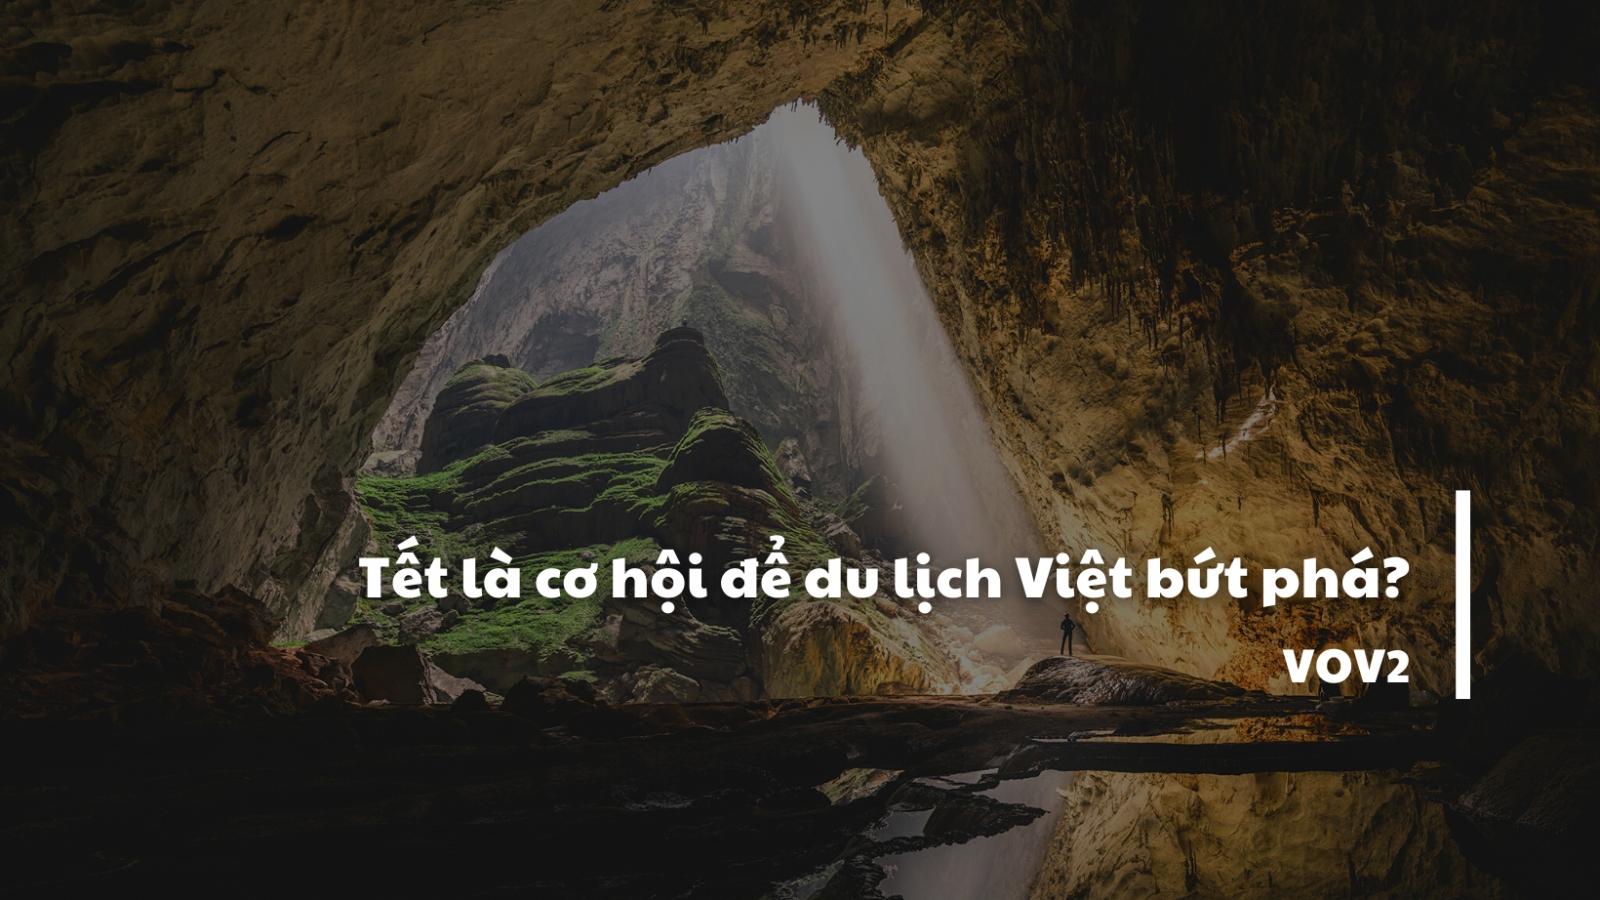 Tết là cơ hội để du lịch Việt bứt phá?